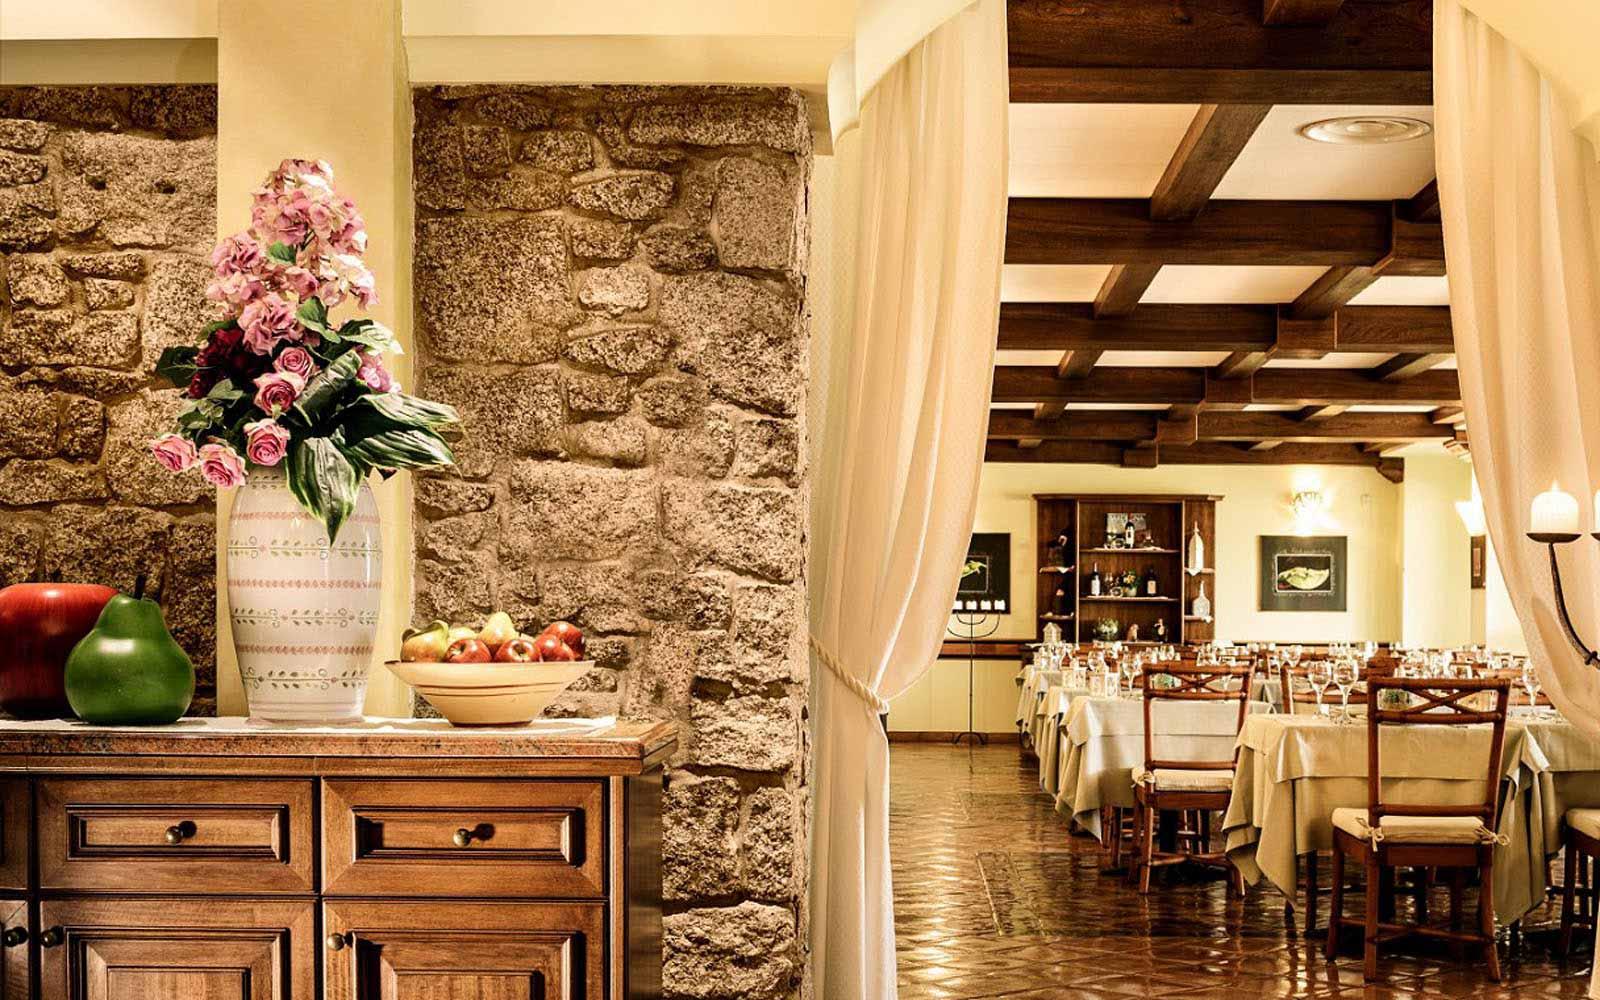 Mediterranean Restaurant at Hotel Stella Maris